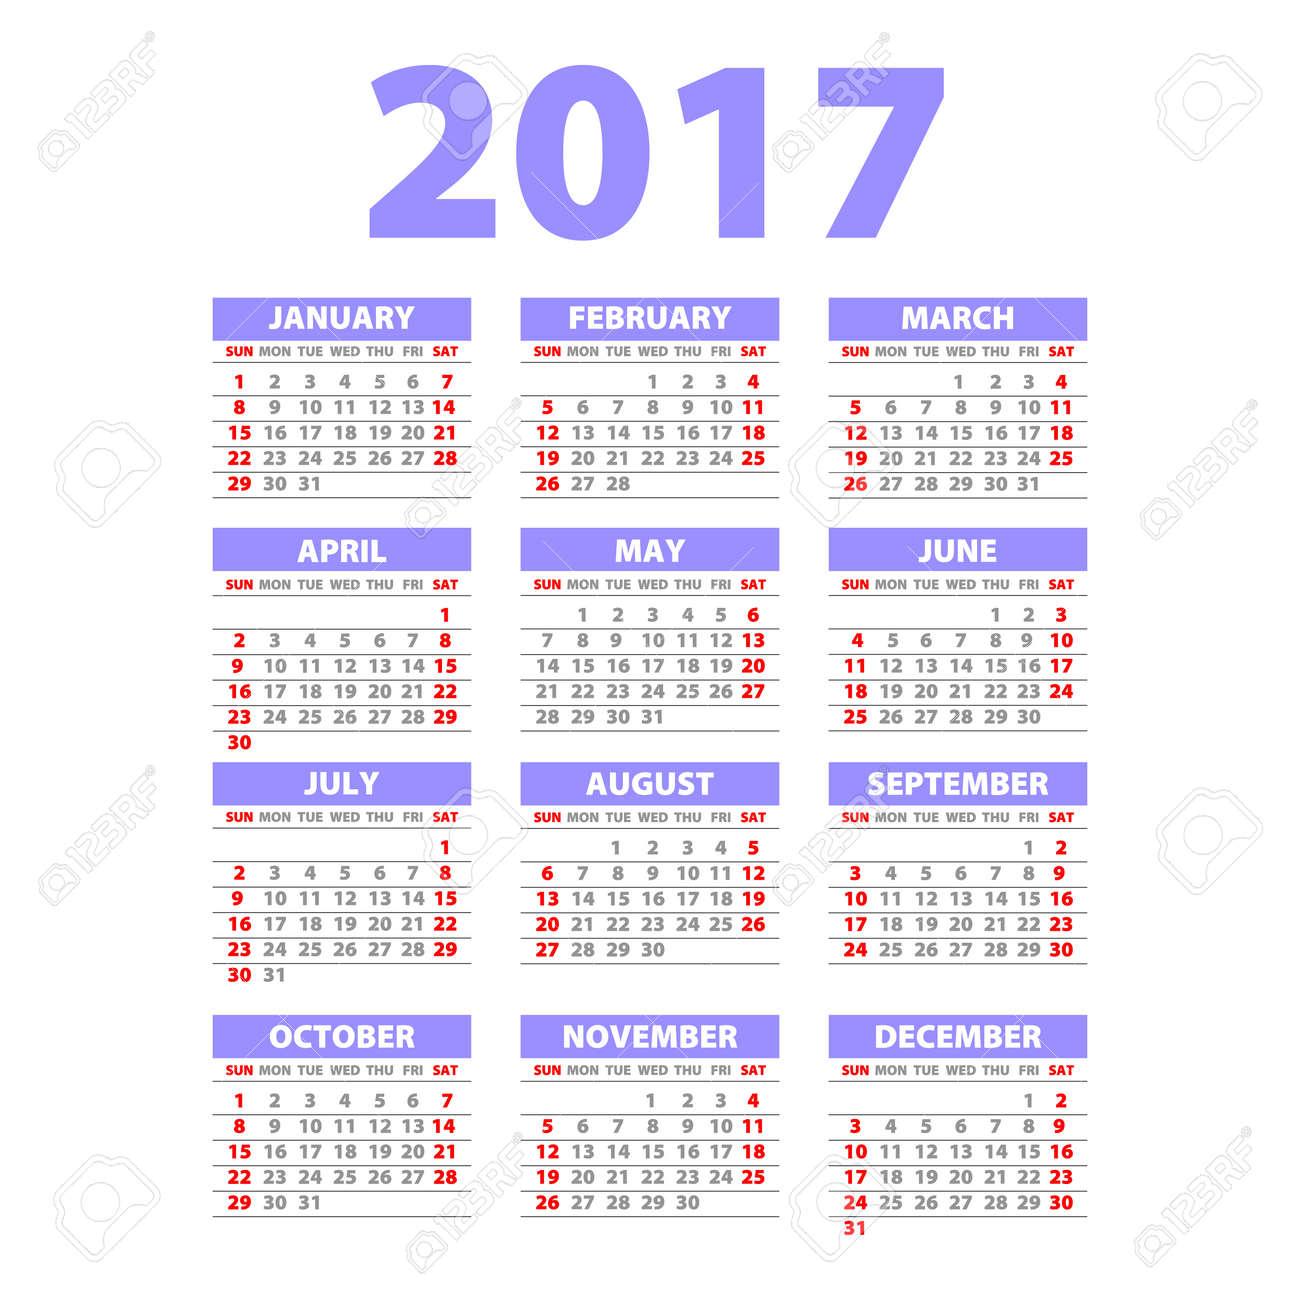 Calendario Completo.Estilo De Papel Plantilla 2017 Calendario Completo Diseno Del Cartel De Promocion La Semana Comienza El Arte Domingo Violeta